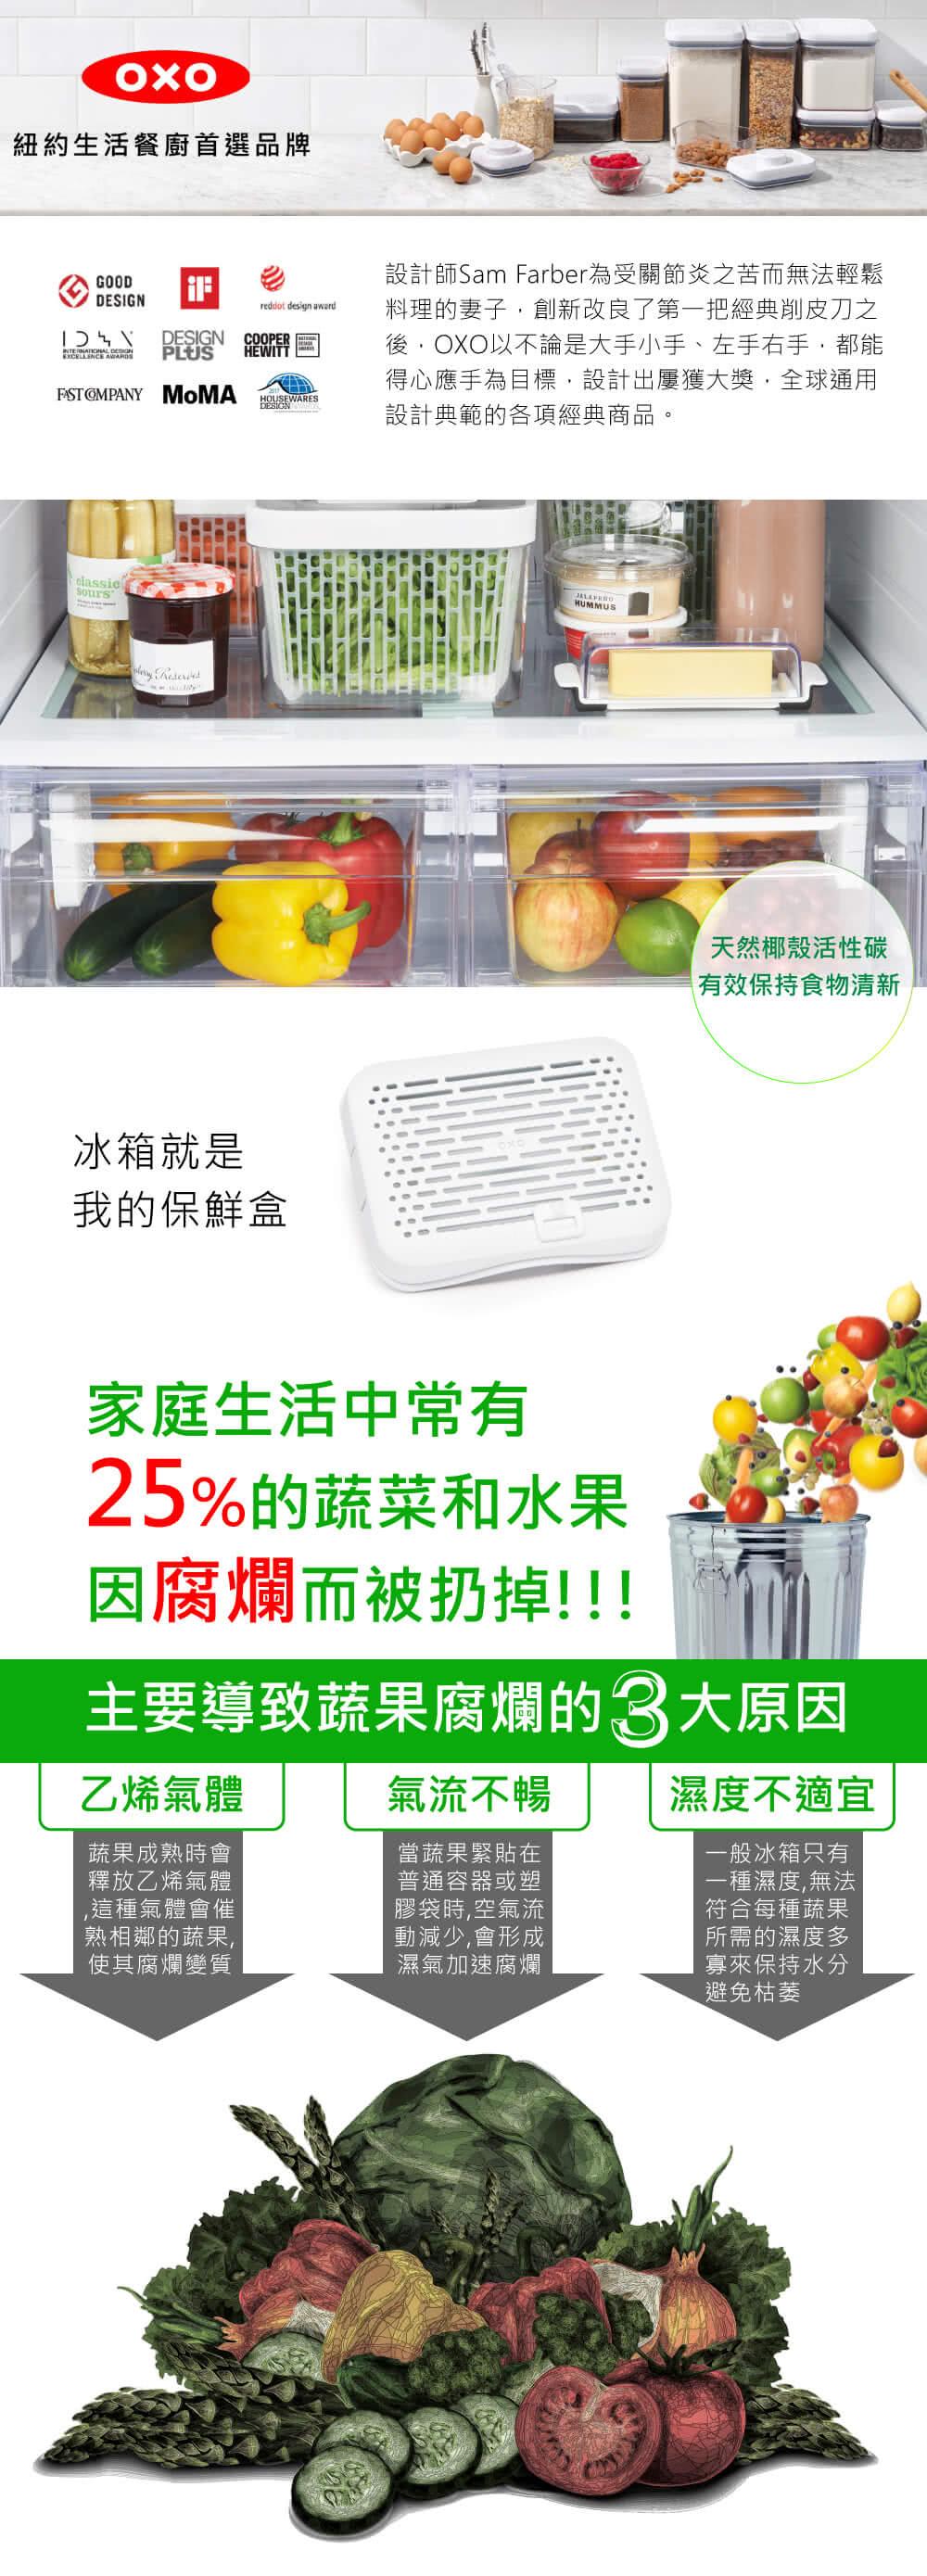 OXO冰箱就是我的保鮮盒